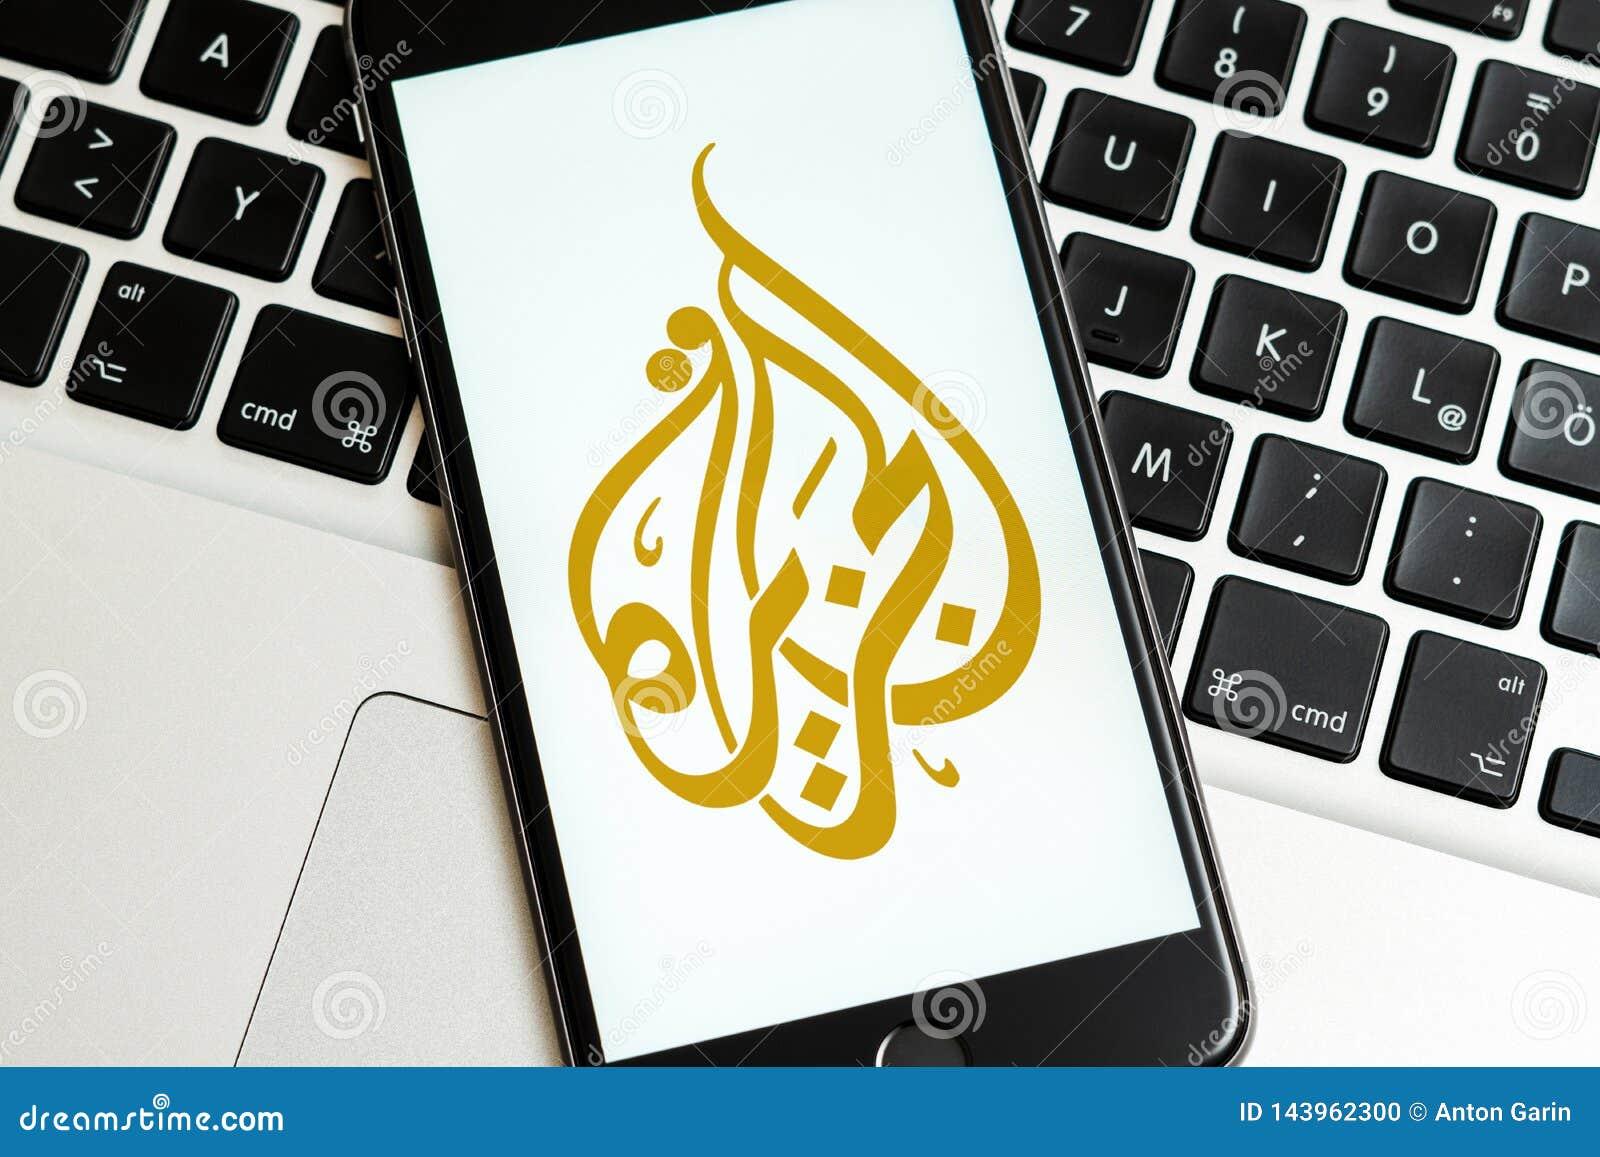 Zwarte telefoon met embleem van nieuwsmedia Al Jazeera op het scherm